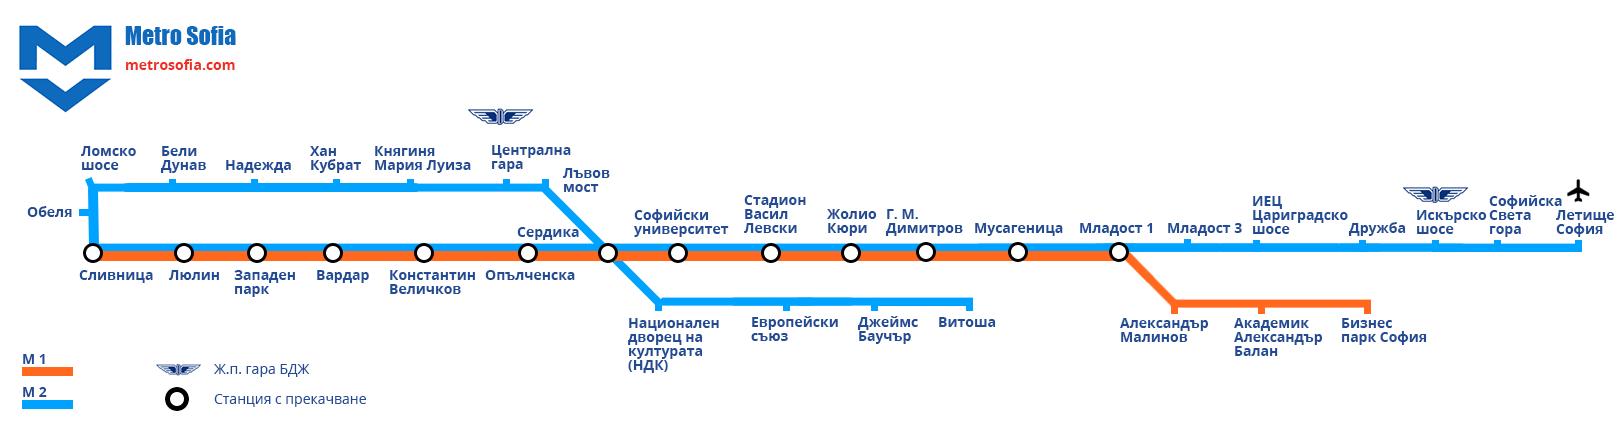 sofia-metro-map-compact-bulgarian